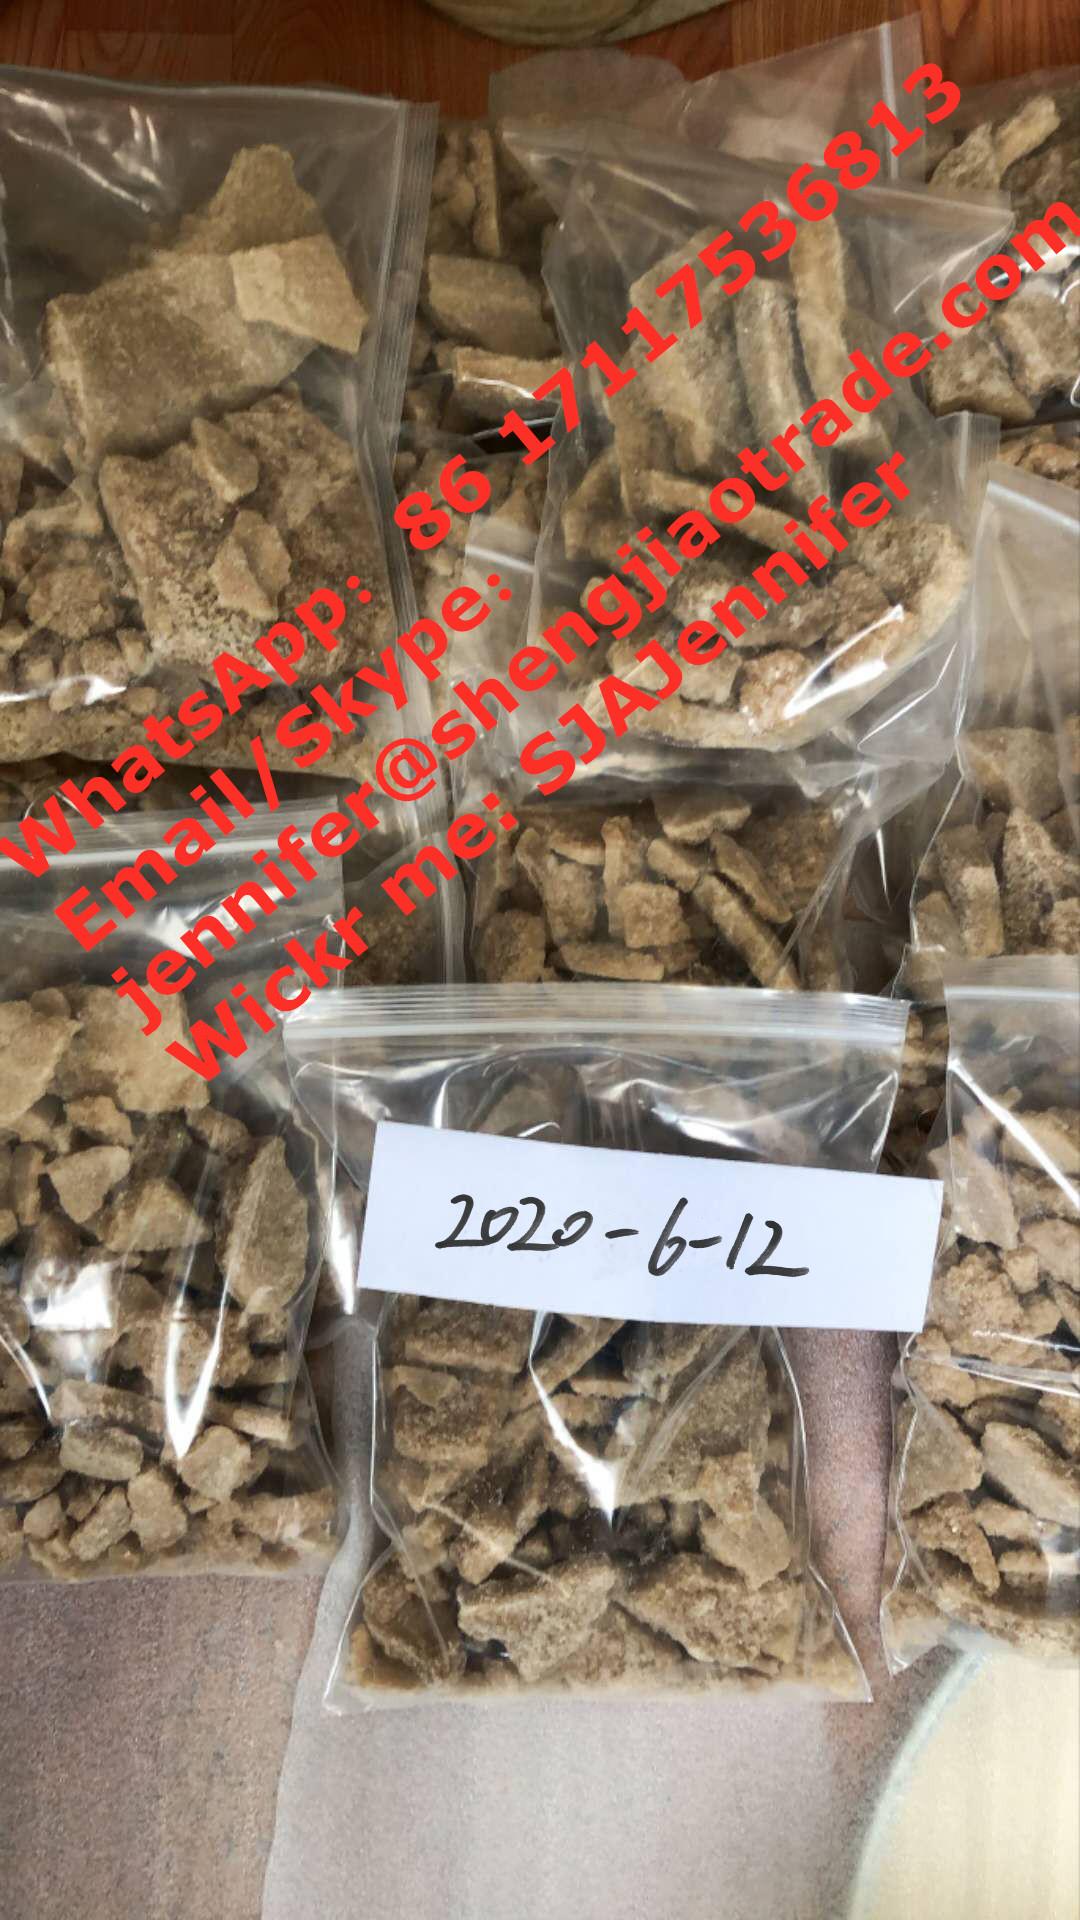 Free Safe Shipping Eutylone Eu Euty Eutylon Tan Brown Pink Blue Wickr:SJAJennifer